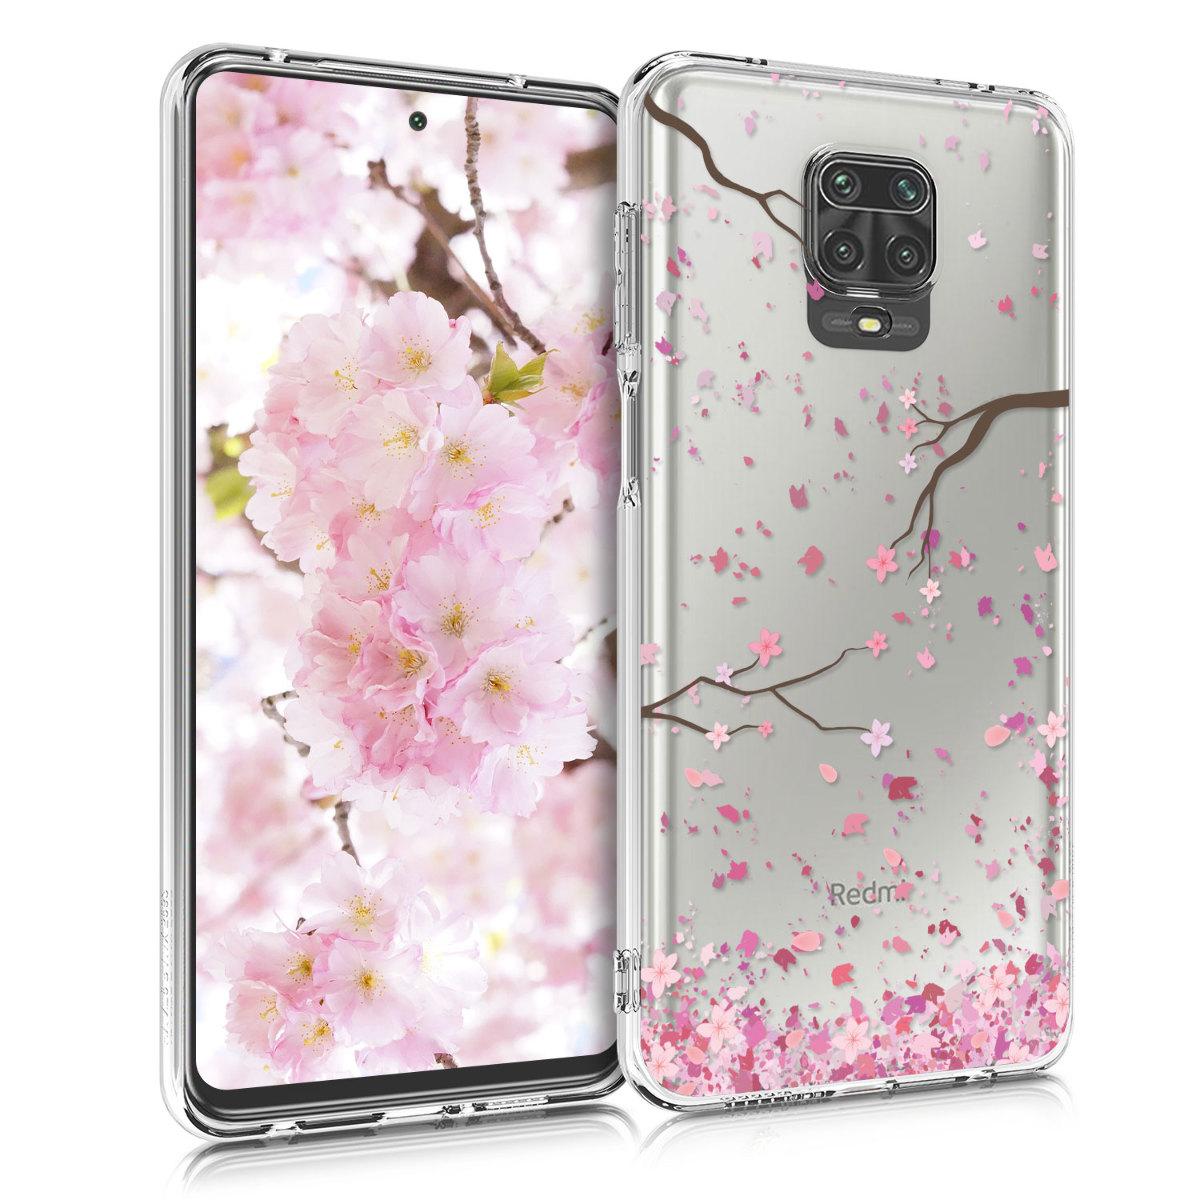 Kvalitní silikonové TPU pouzdro | obal pro Xiaomi Redmi Note 9S | 9 Pro | 9 - Cherry Blossoms růžový / tmavě hnědá / transparentní